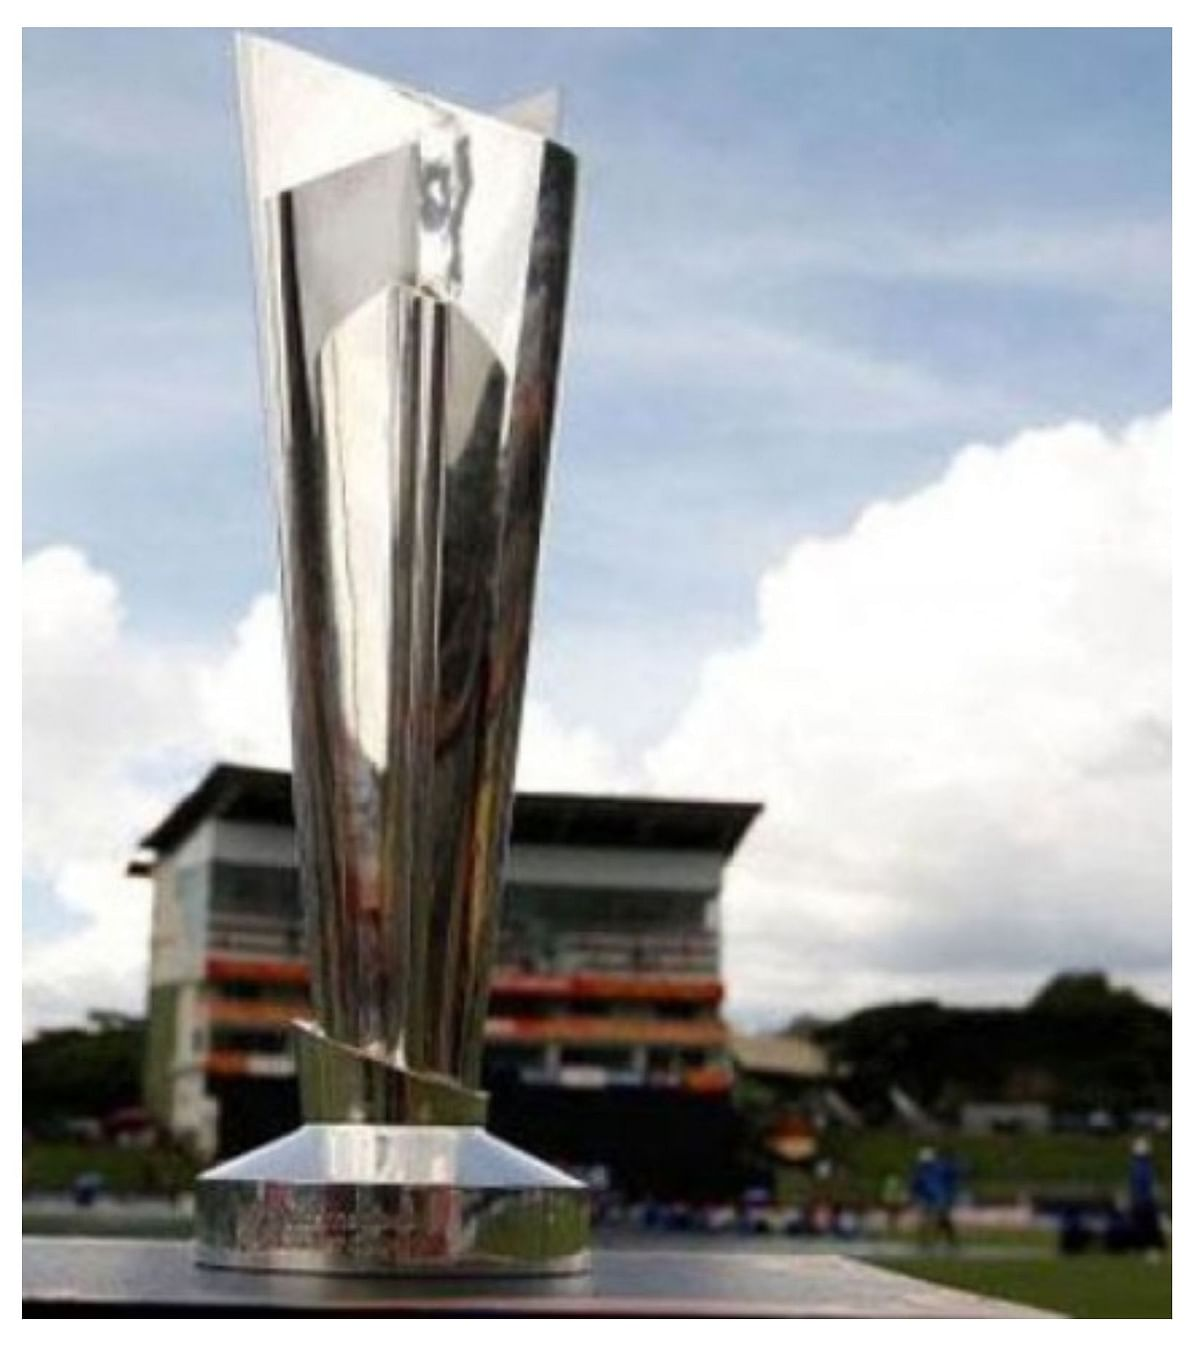 டி20 உலகக்கோப்பை